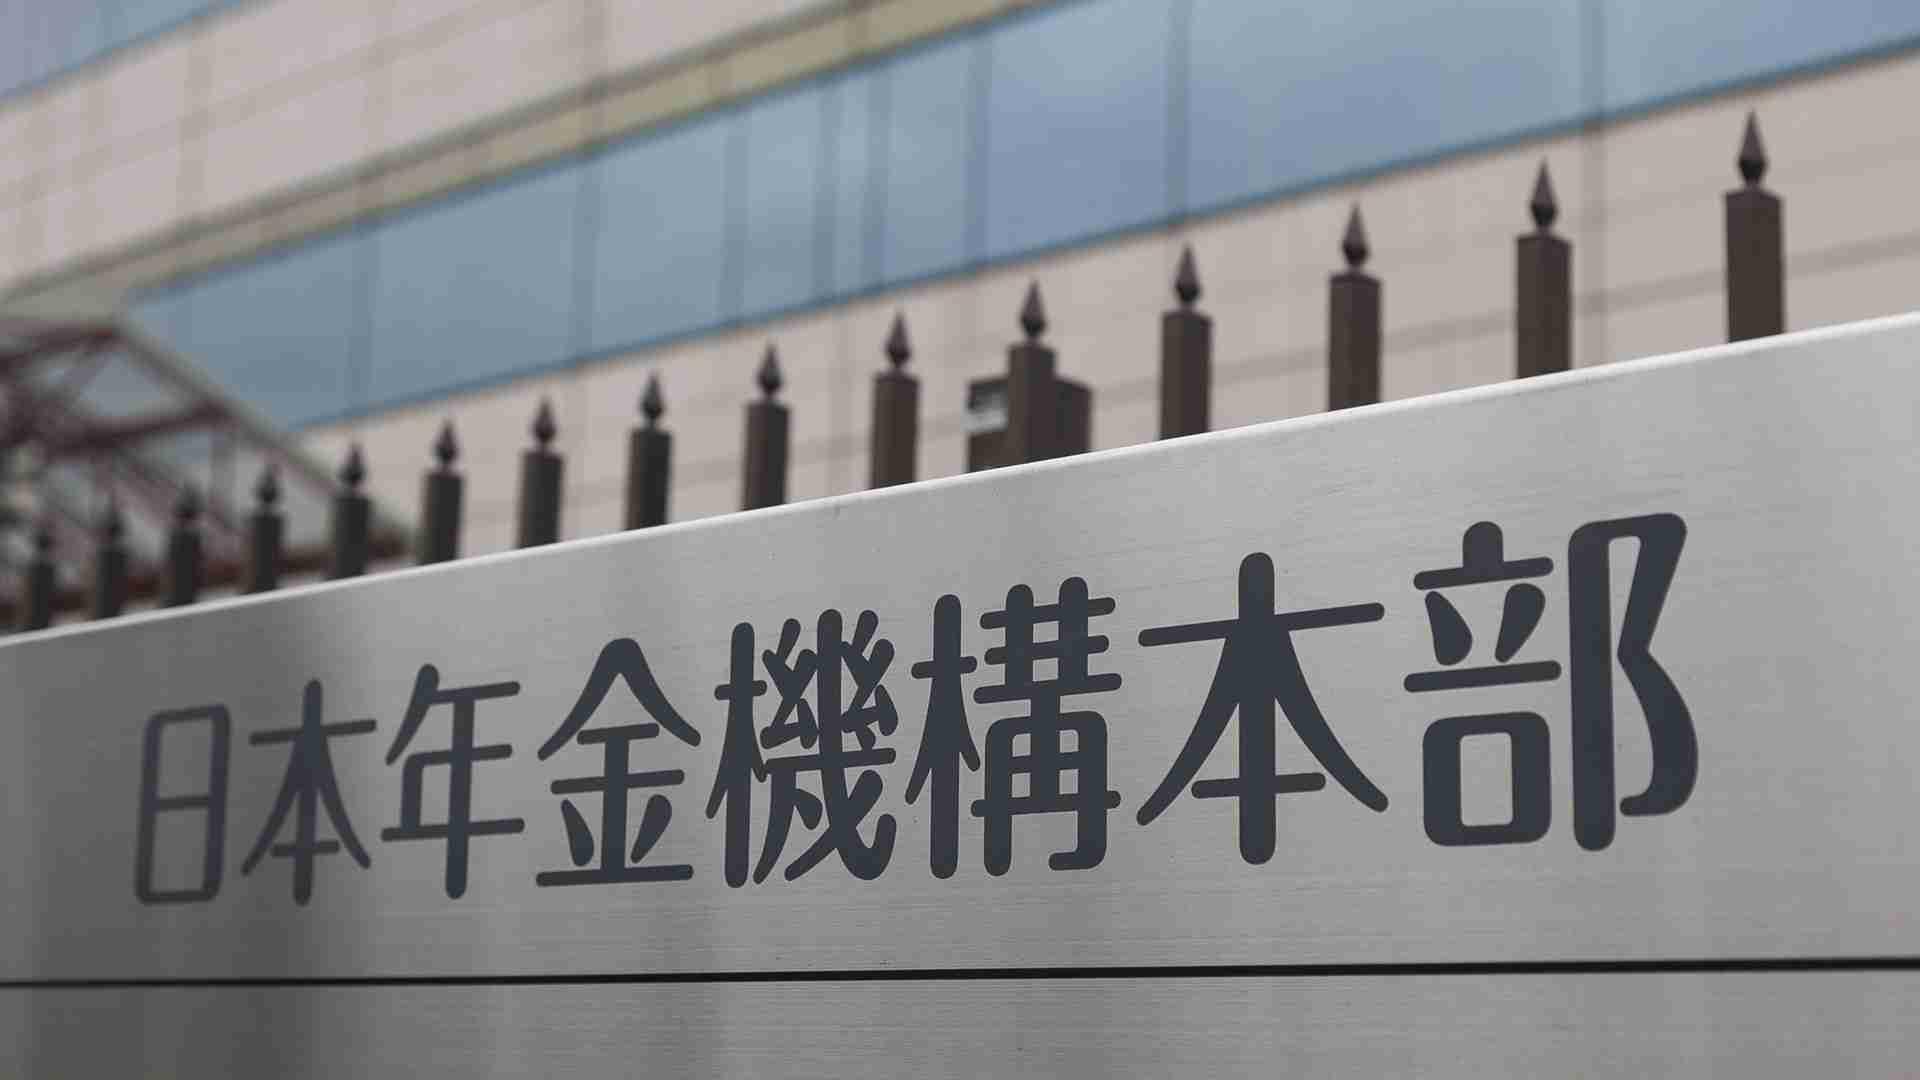 「年金500万人分の個人情報の入力を中国に再委託」で浮き彫りになる日本年金機構以外の官公庁の問題(山本一郎) - 個人 - Yahoo!ニュース